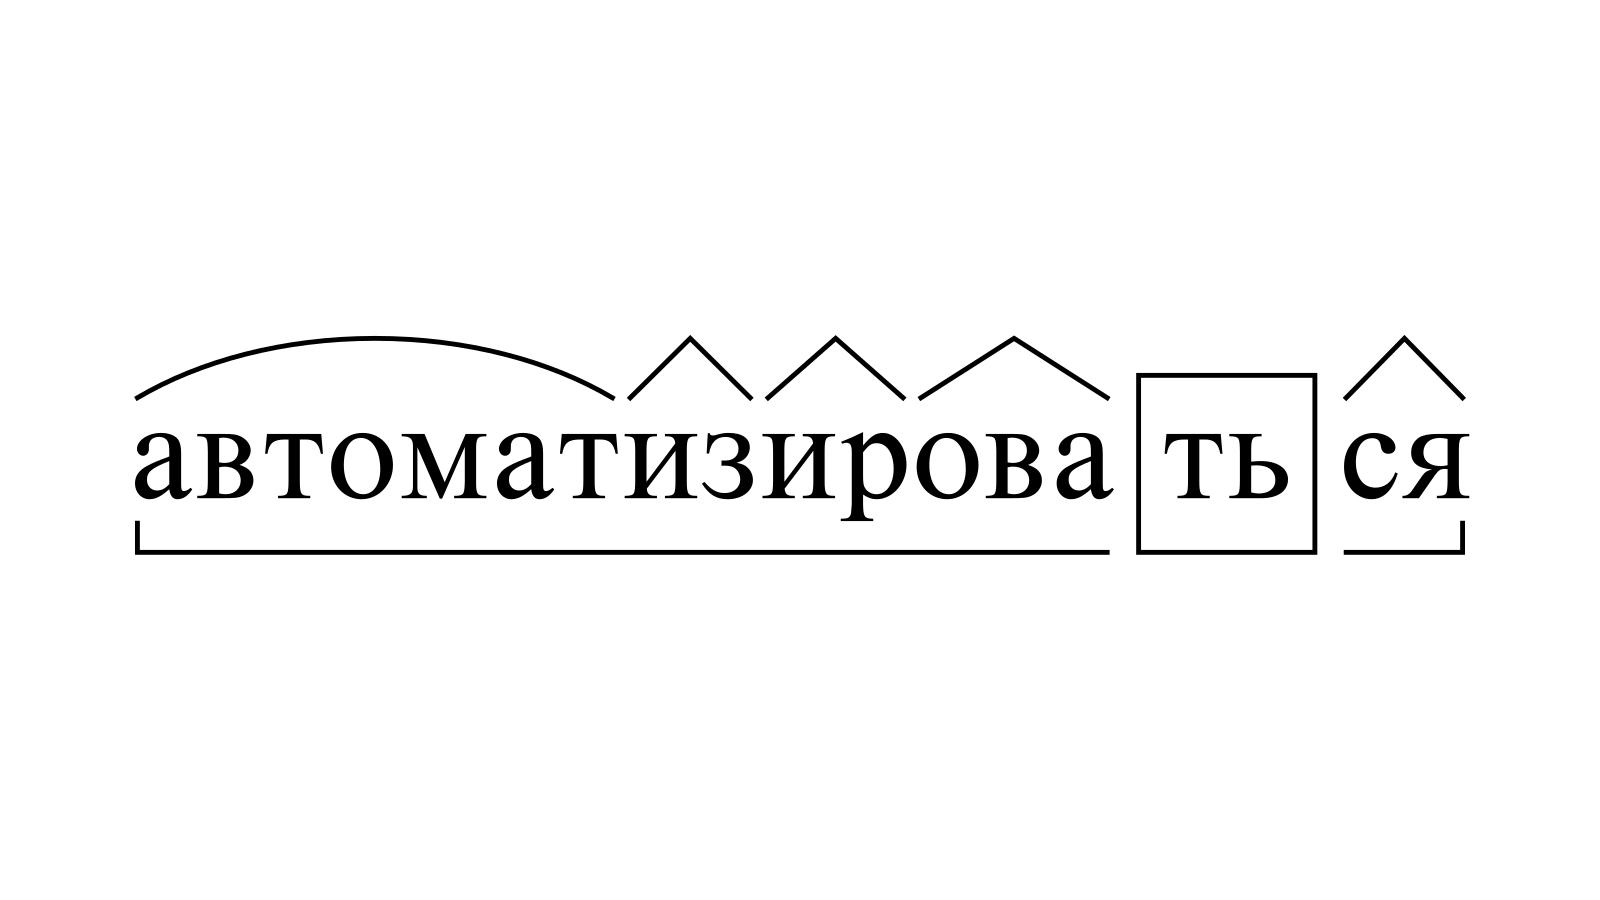 Разбор слова «автоматизироваться» по составу